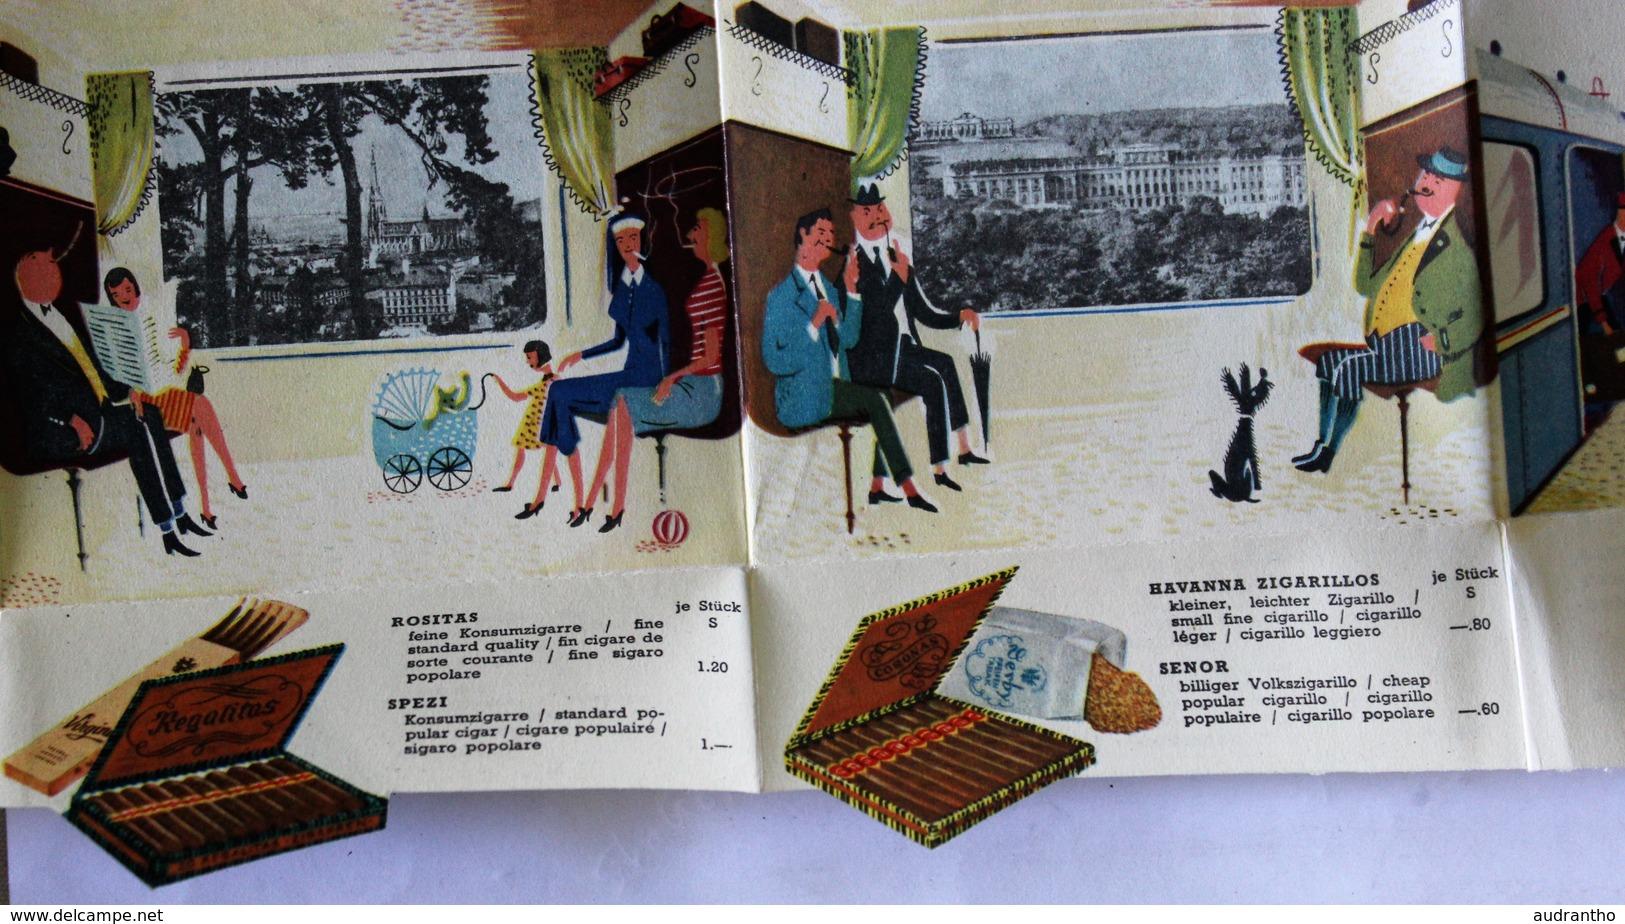 Belle Publicité Ancienne Autriche Tabac Tabaktrafik Train Cigarettes Jonny Memphis Austria Coronas Palmas Österreich - Documents